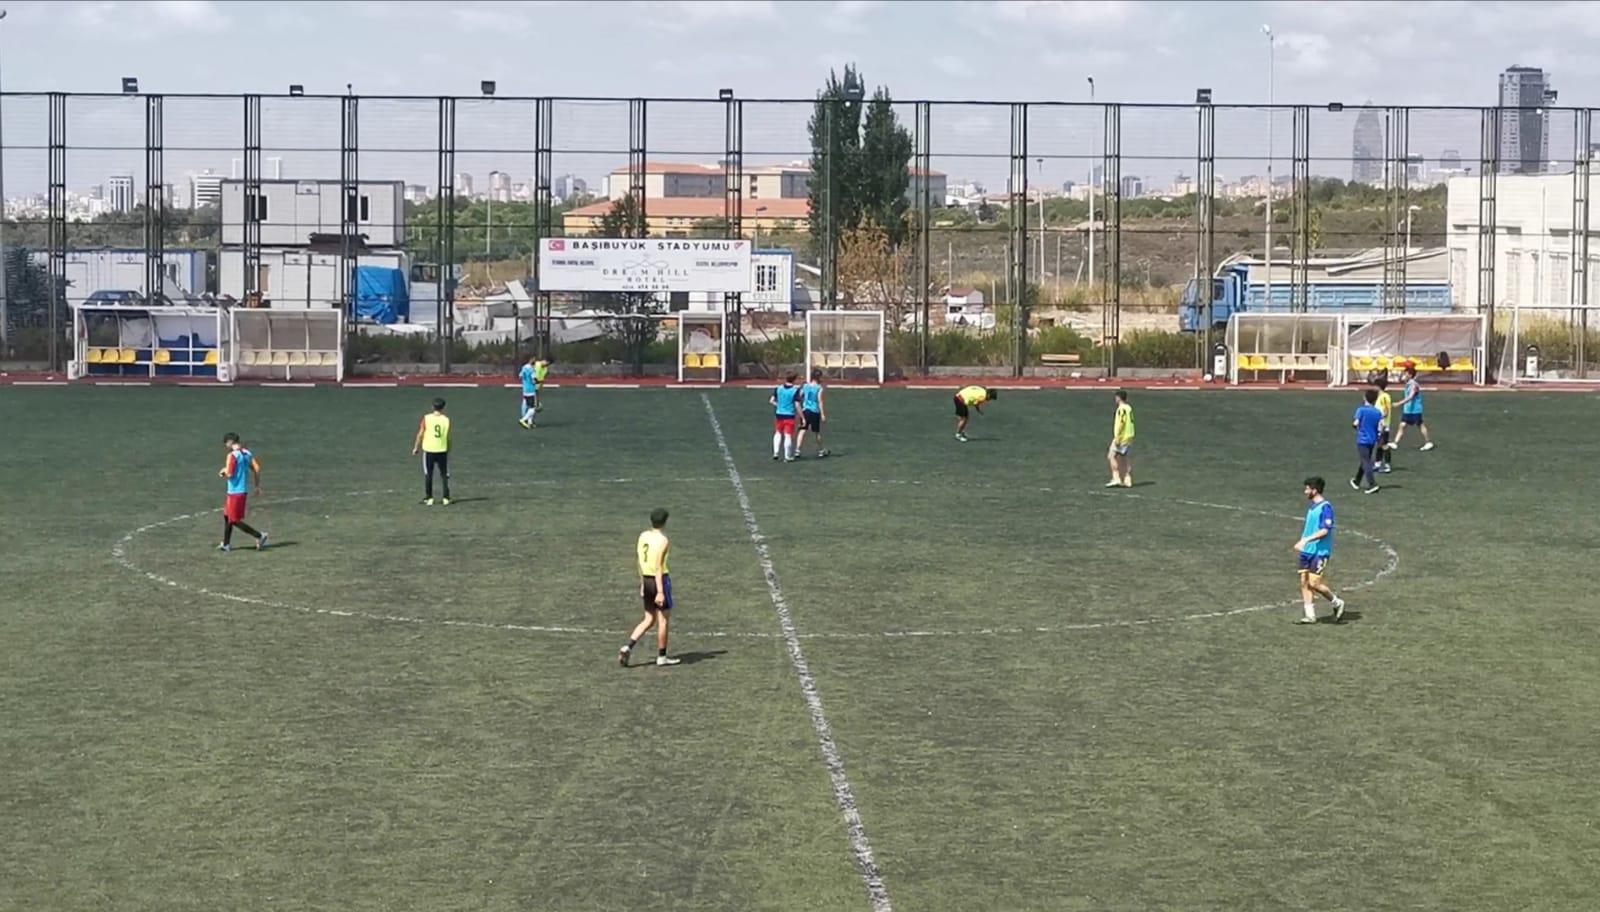 57.Altyapı Kategorisi Futbolcu Deneme Kampı 28-29 Eylül 2019 (2001-2006 Arası)